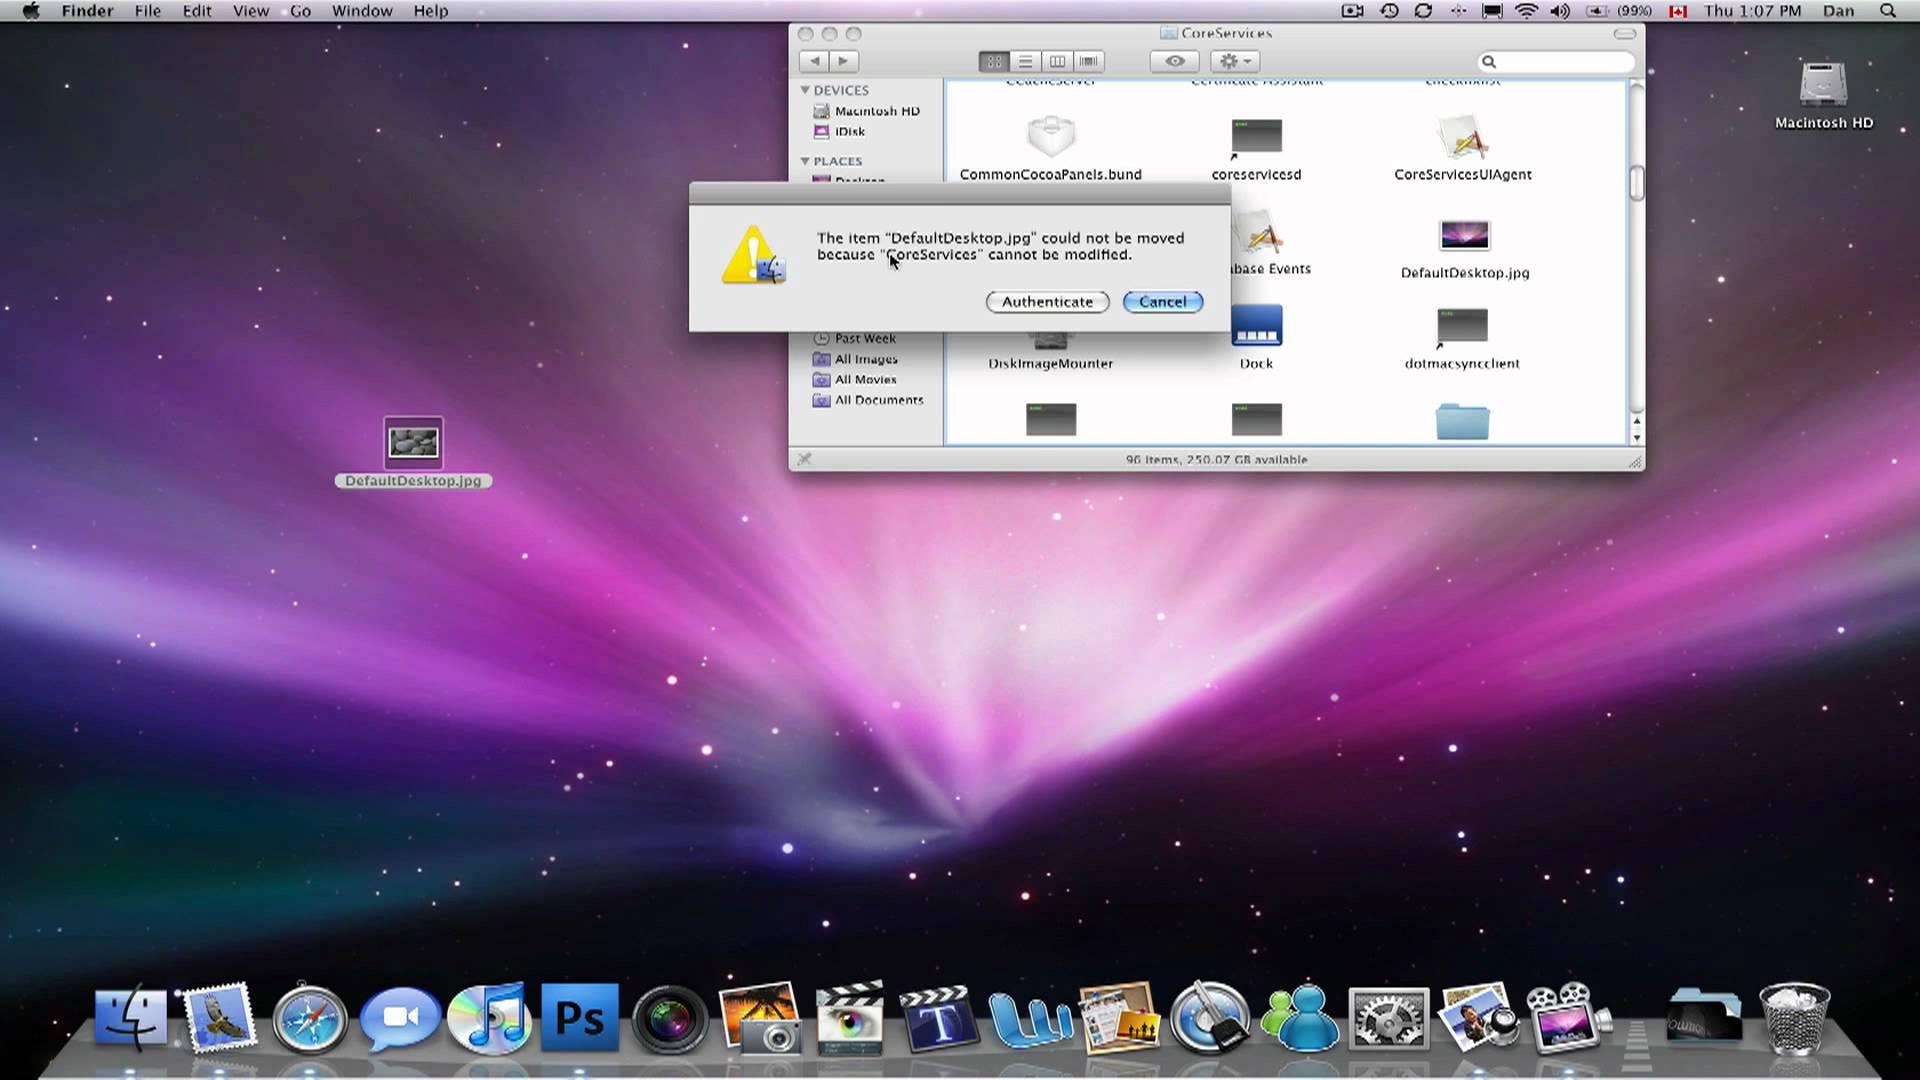 Apple Wallpapers Apple Backgrounds Apple Images - Desktop Nexus